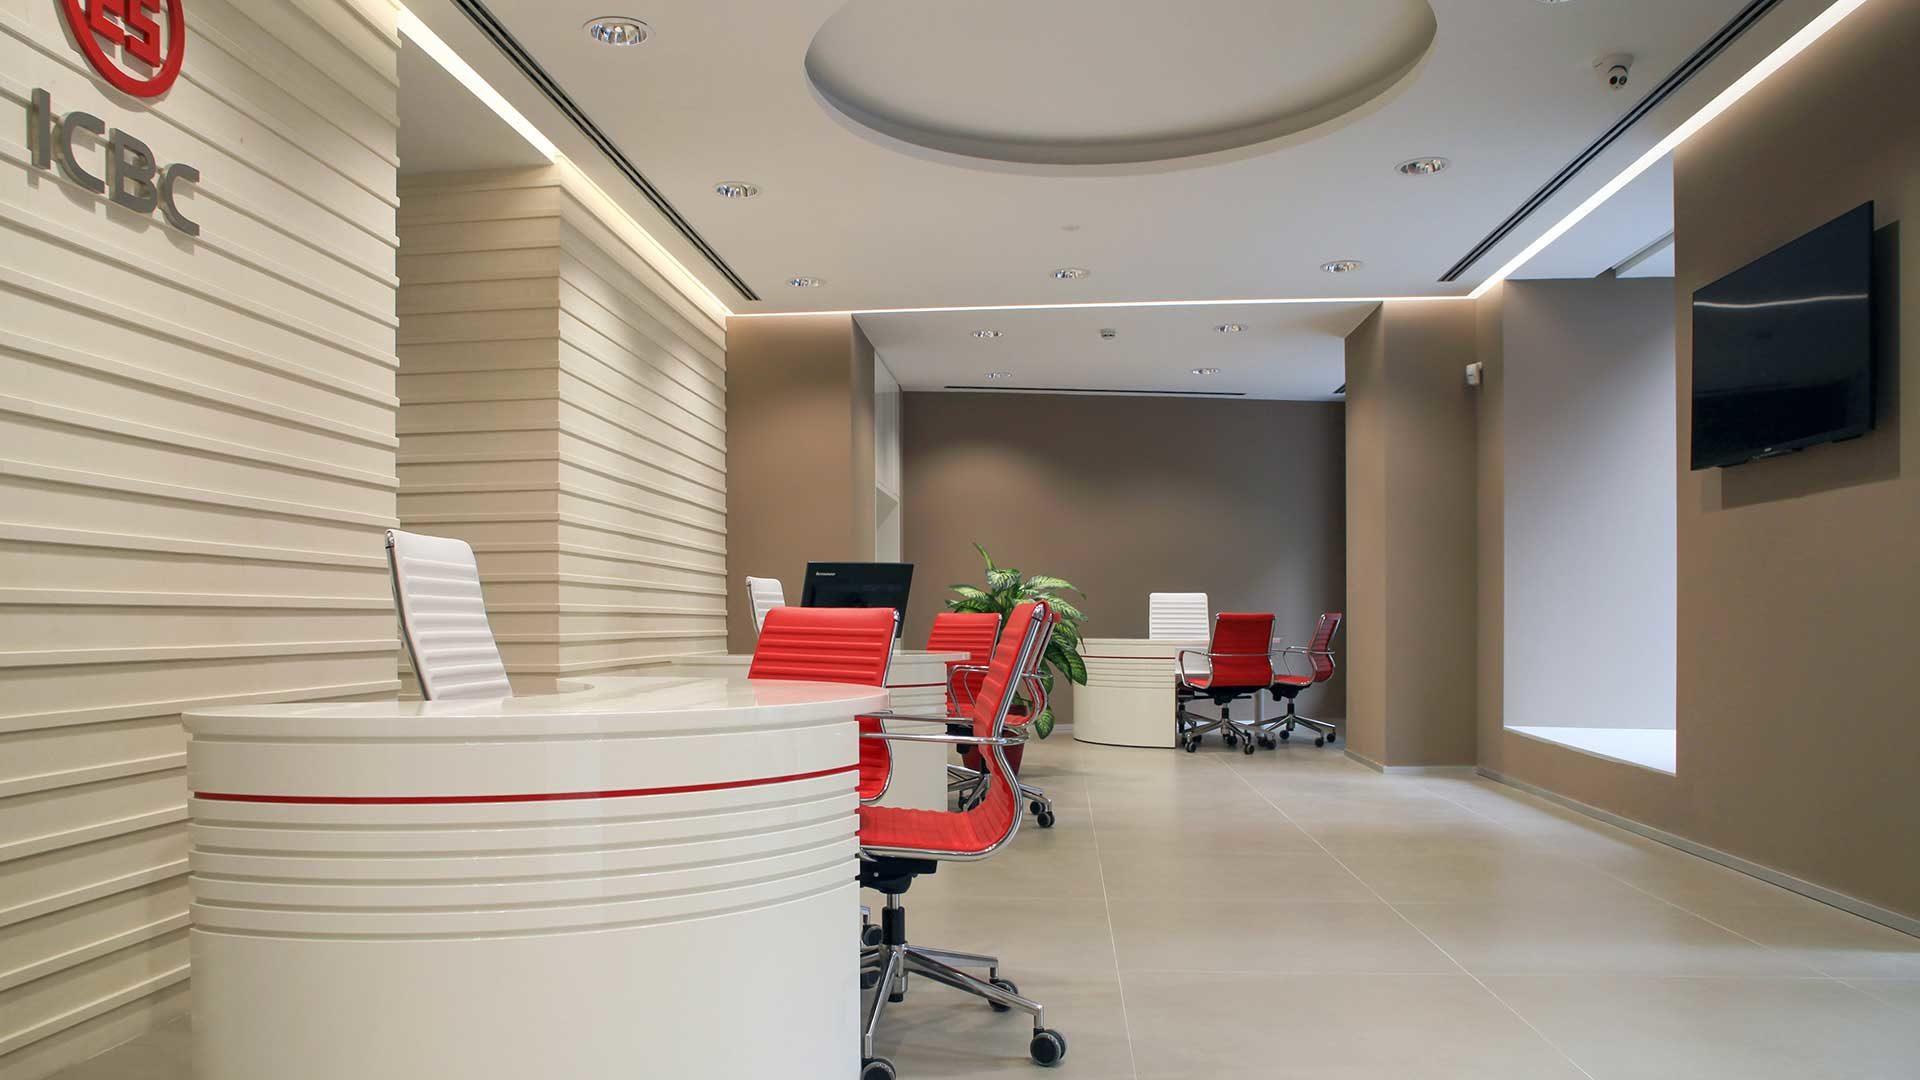 Evoluzione-delle-banche-ICBC-Roma-spazio-open